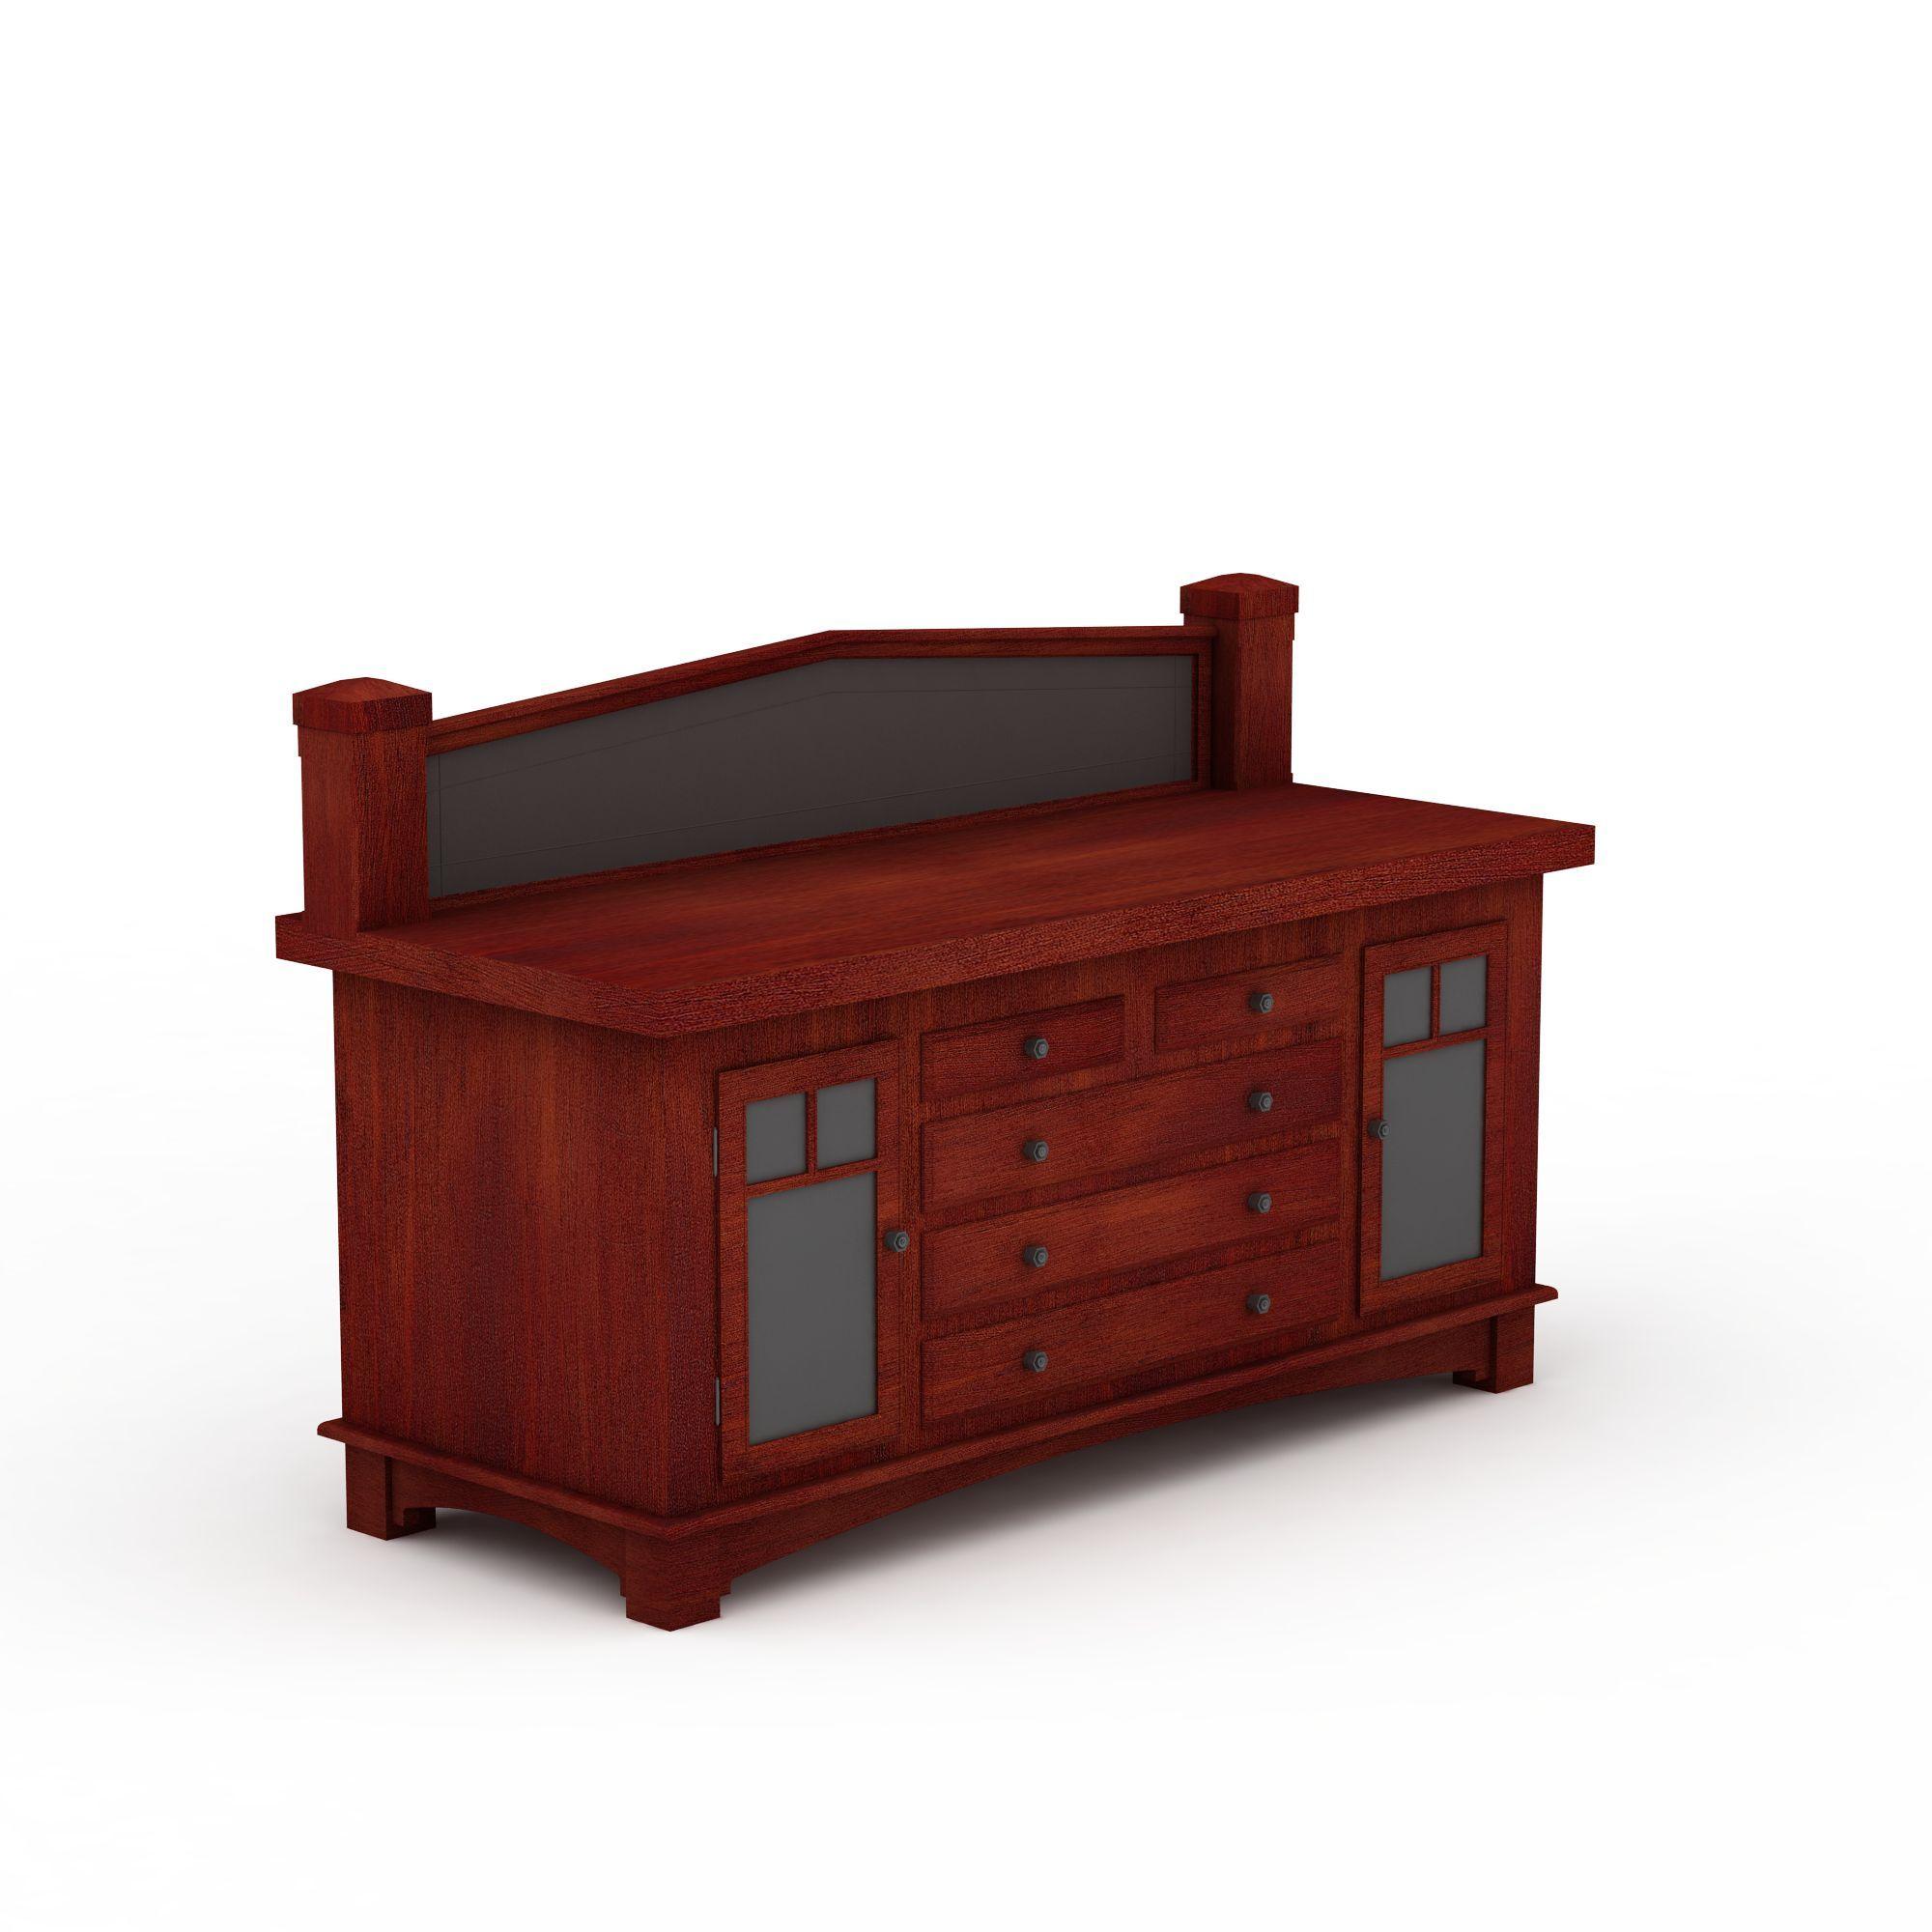 家具组合 柜 实木古典柜子3d模型 实木古典柜子png高清图  实木古典柜